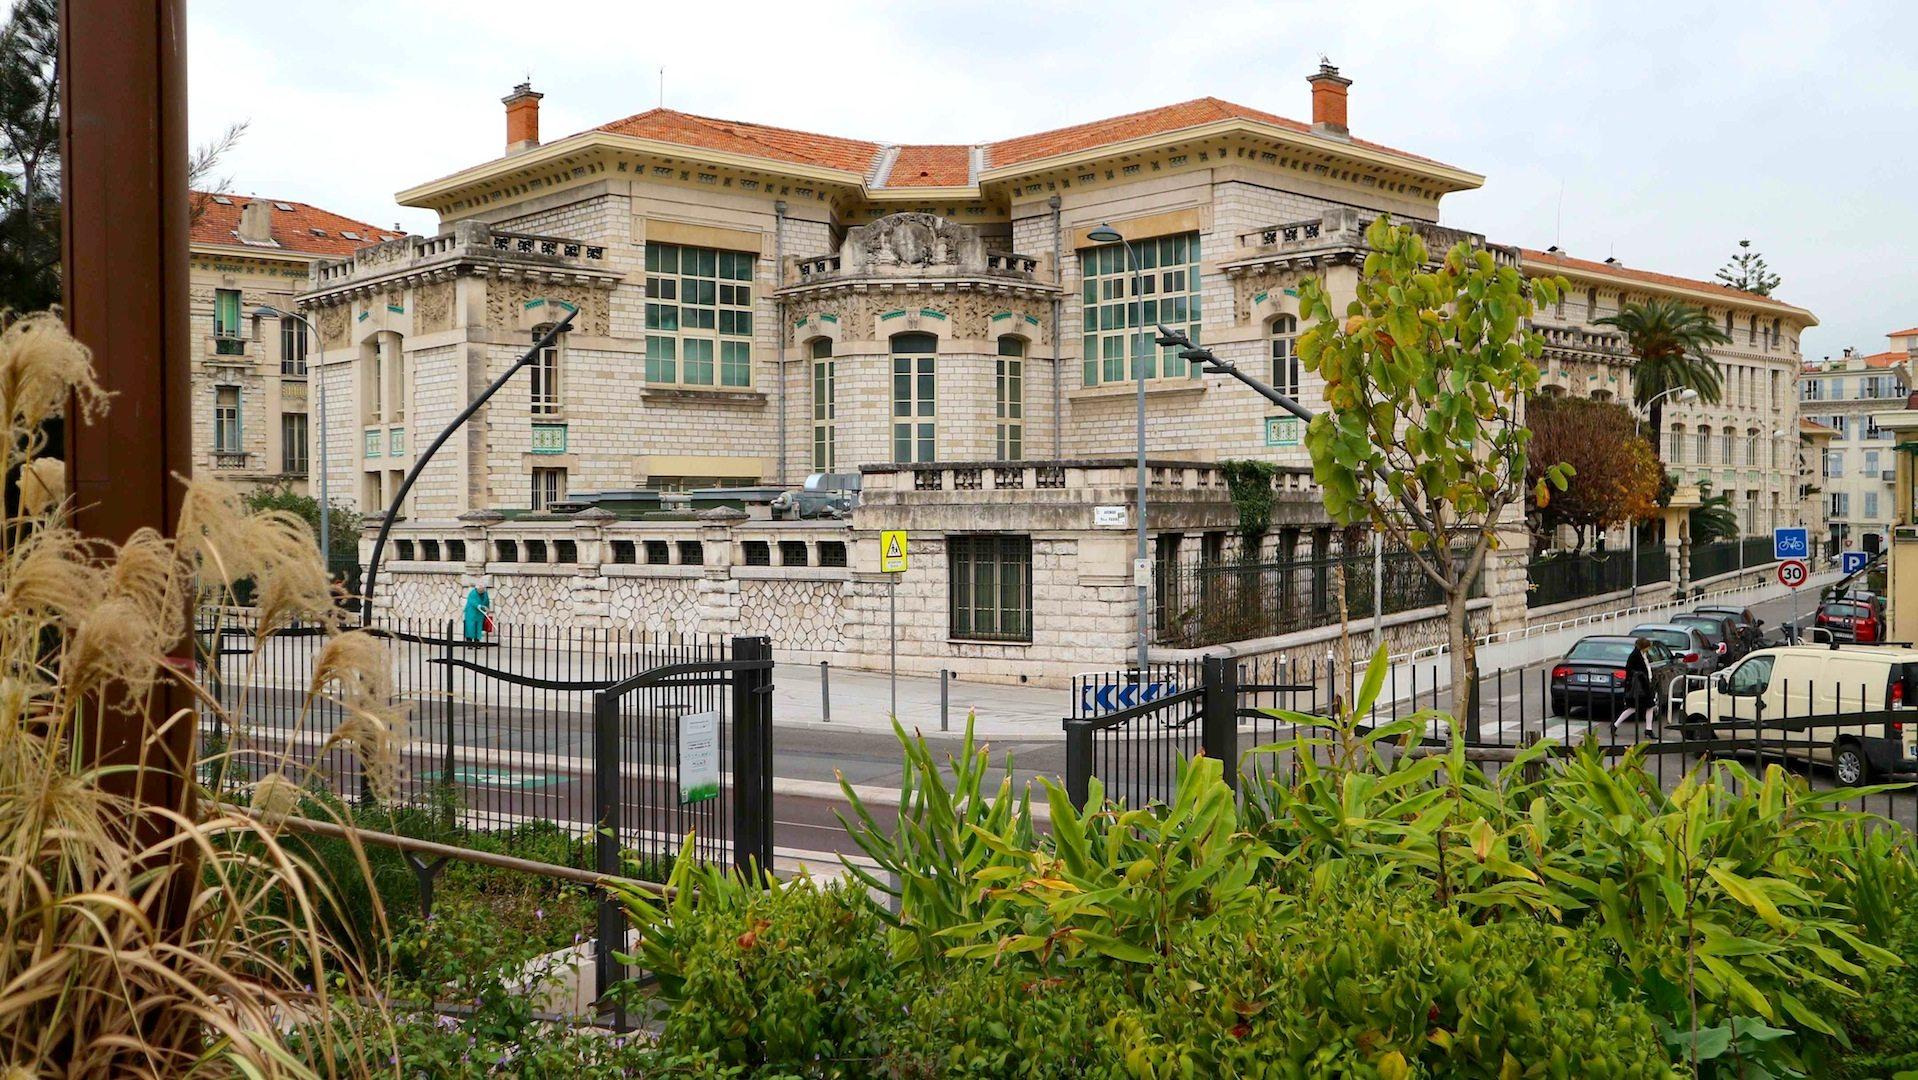 Lycée Masséna. 1812 gegründete Lehranstalt, Nizza.